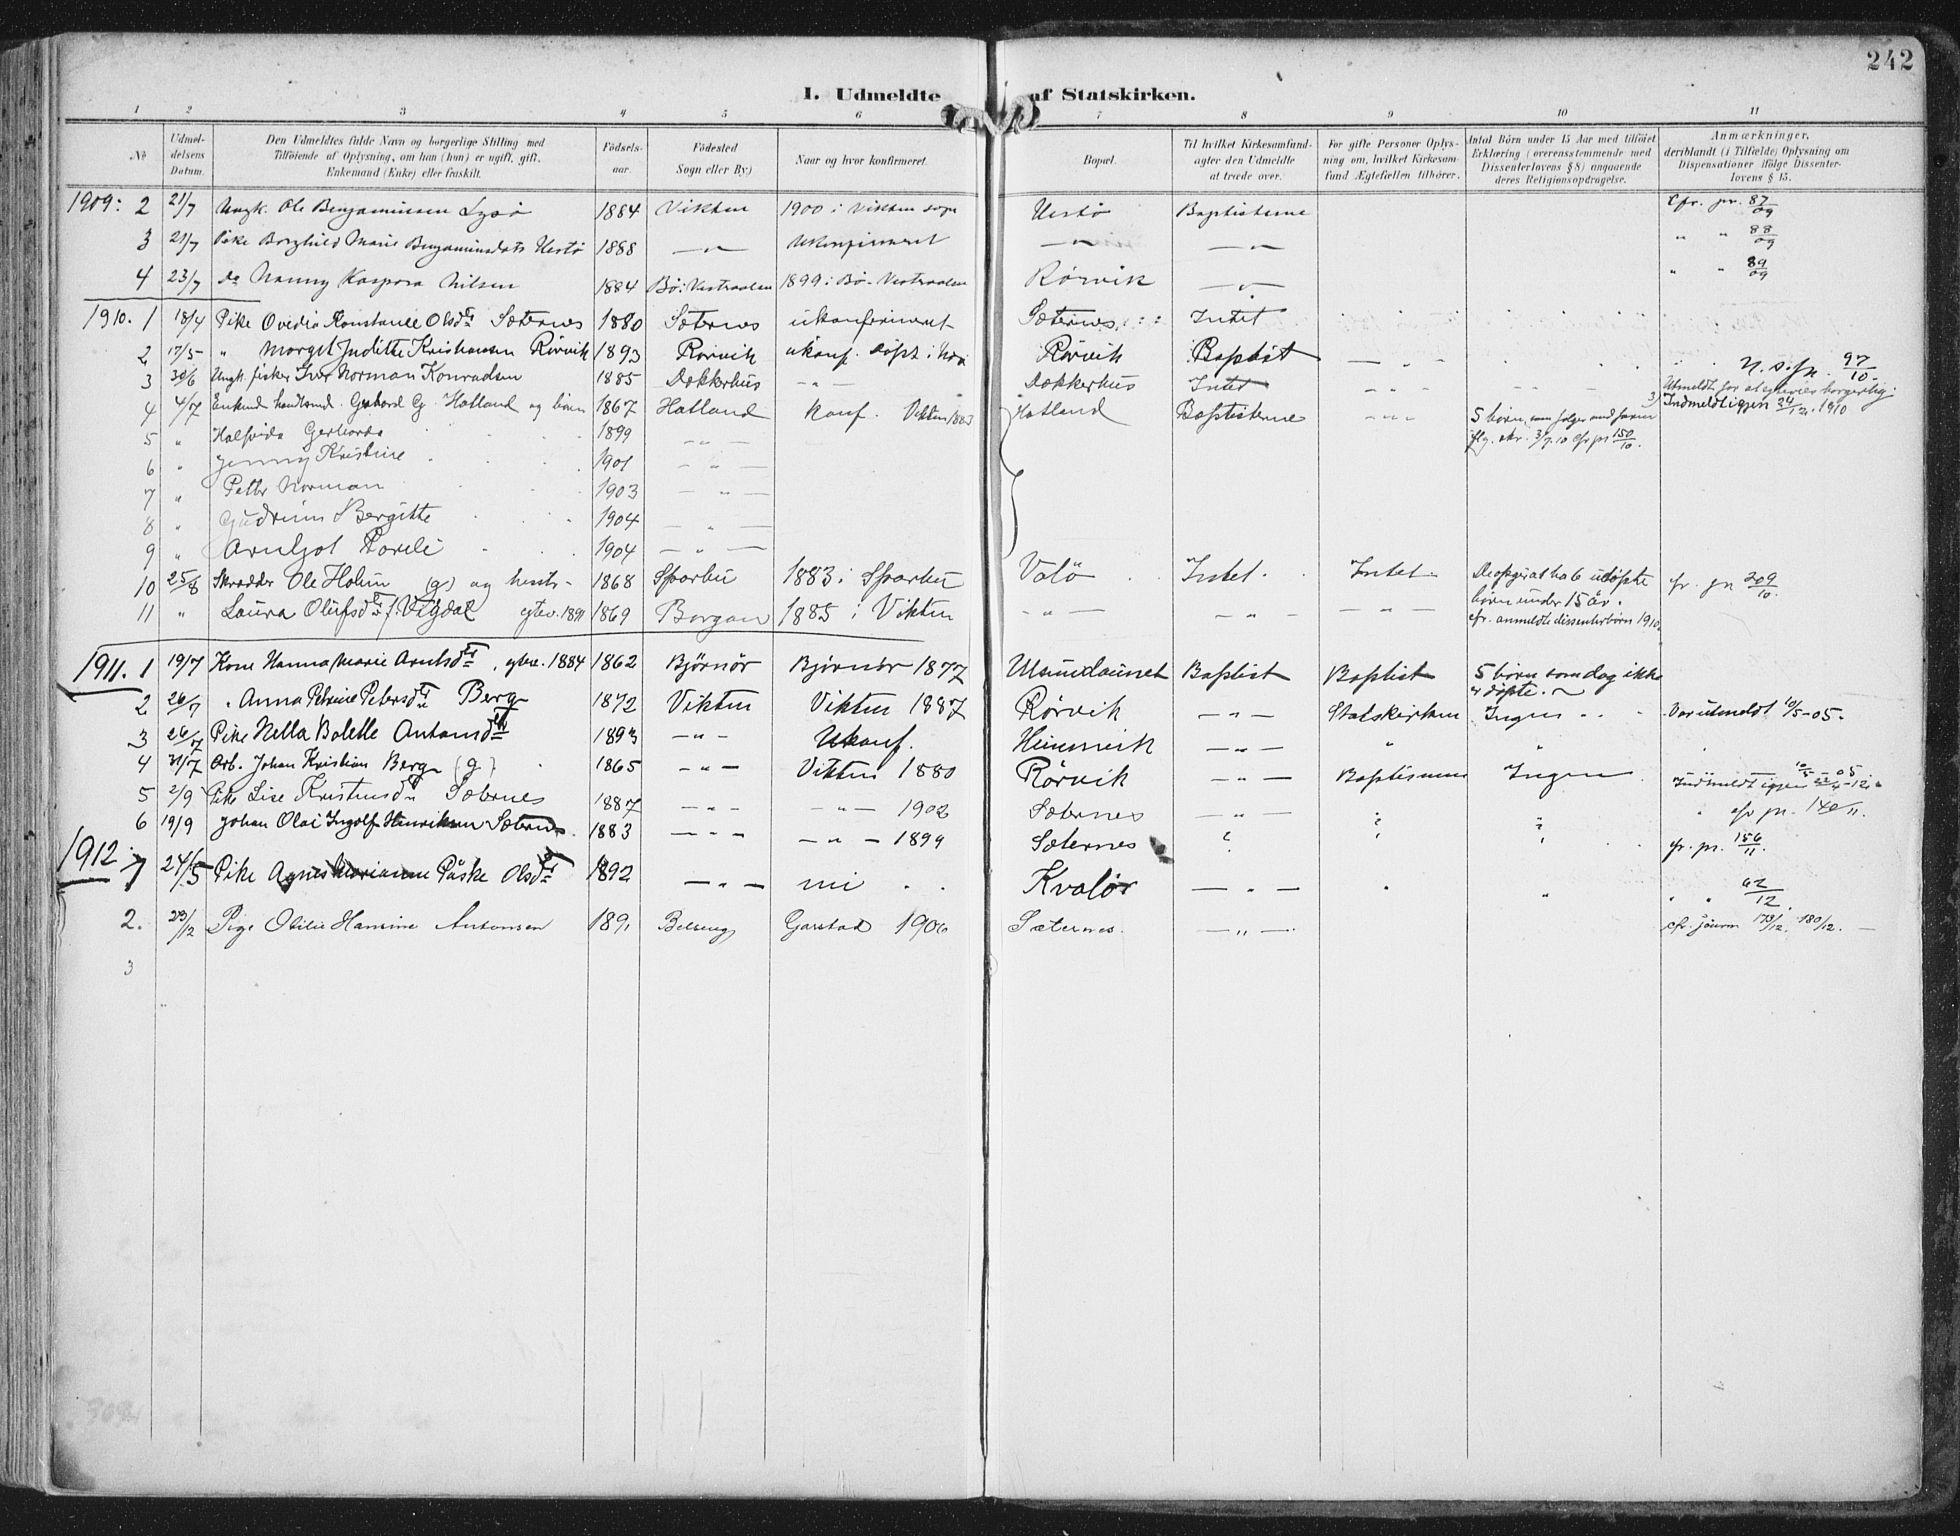 SAT, Ministerialprotokoller, klokkerbøker og fødselsregistre - Nord-Trøndelag, 786/L0688: Ministerialbok nr. 786A04, 1899-1912, s. 242